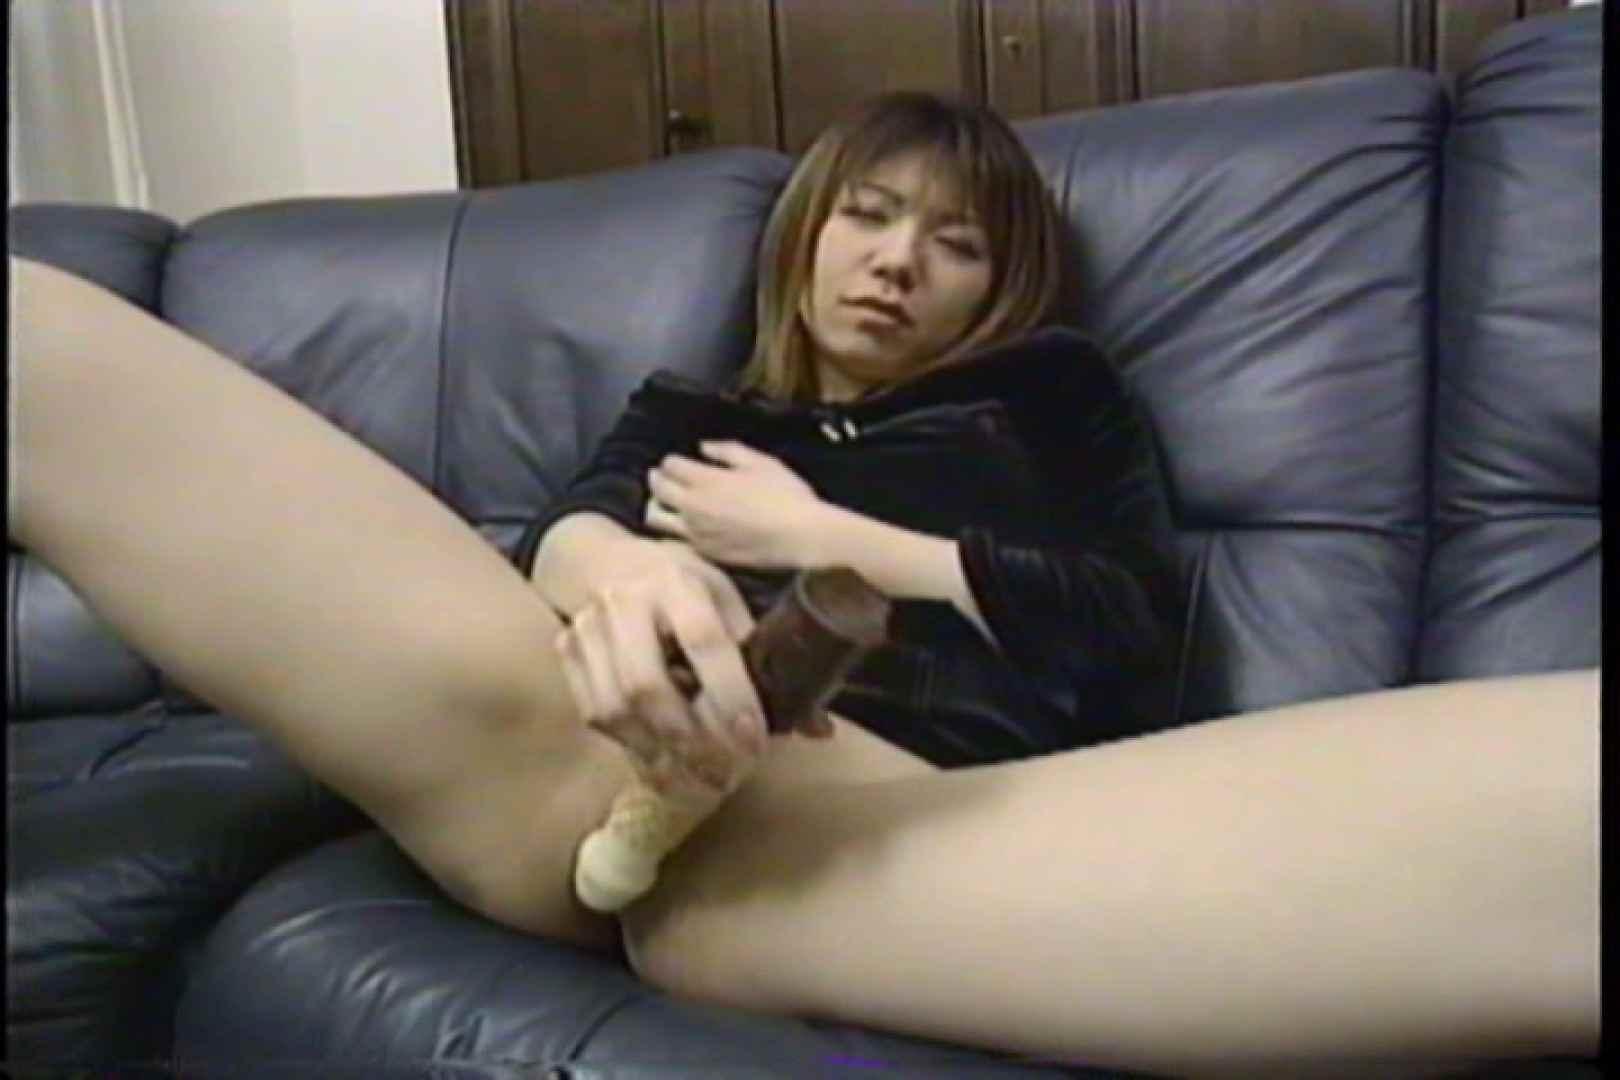 かわいい人妻、巨乳が疼いて止まらない~飯島れいか~ オナニー AV無料動画キャプチャ 20連発 12